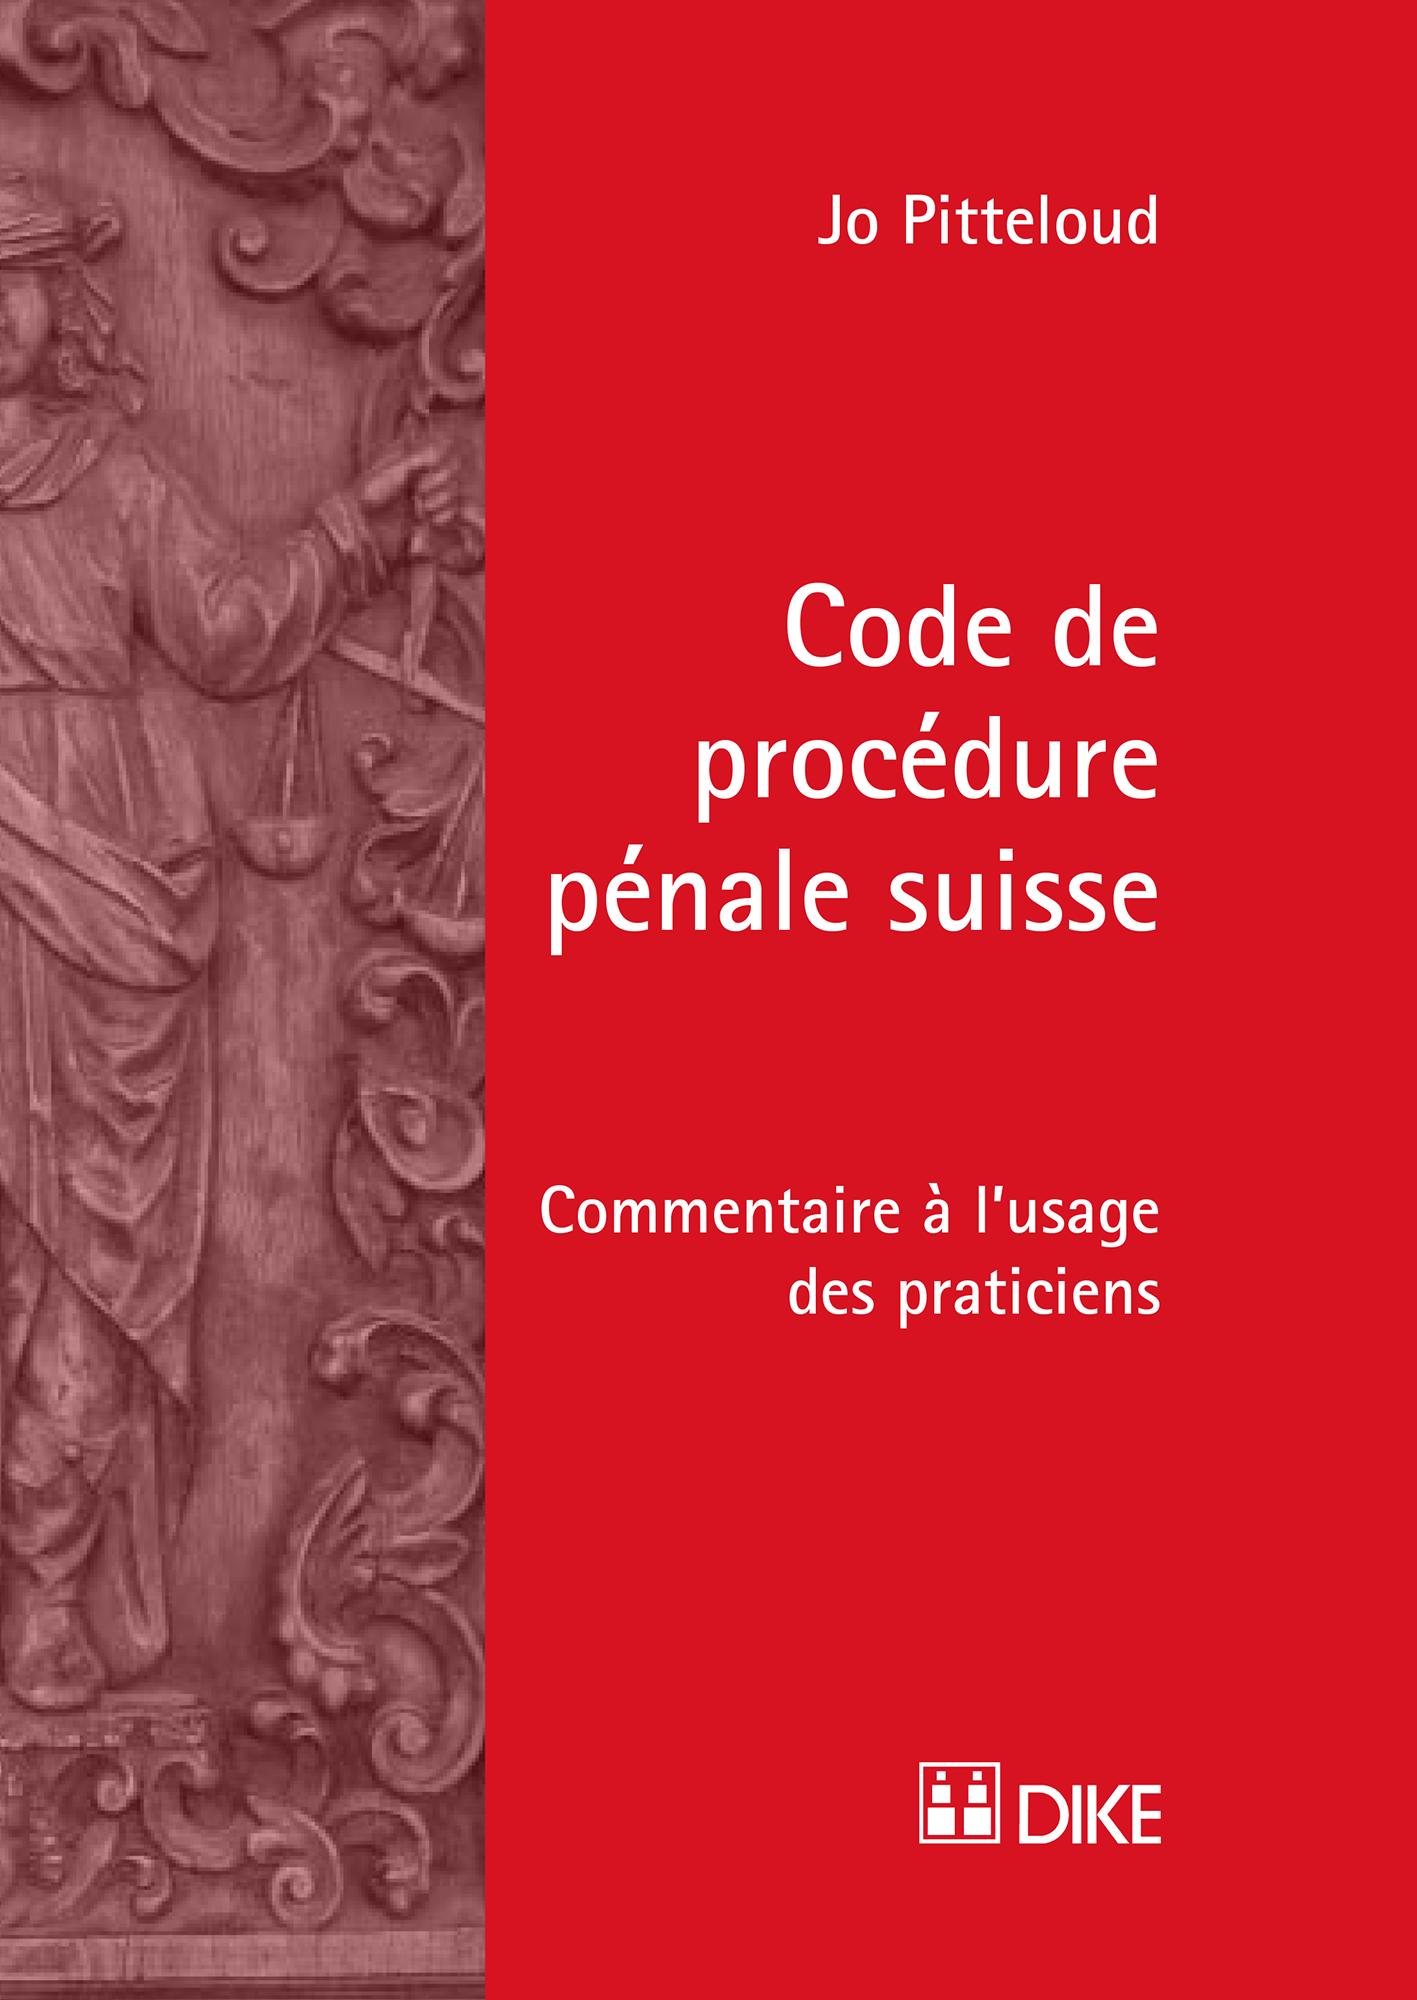 Code de procédure pénale suisse